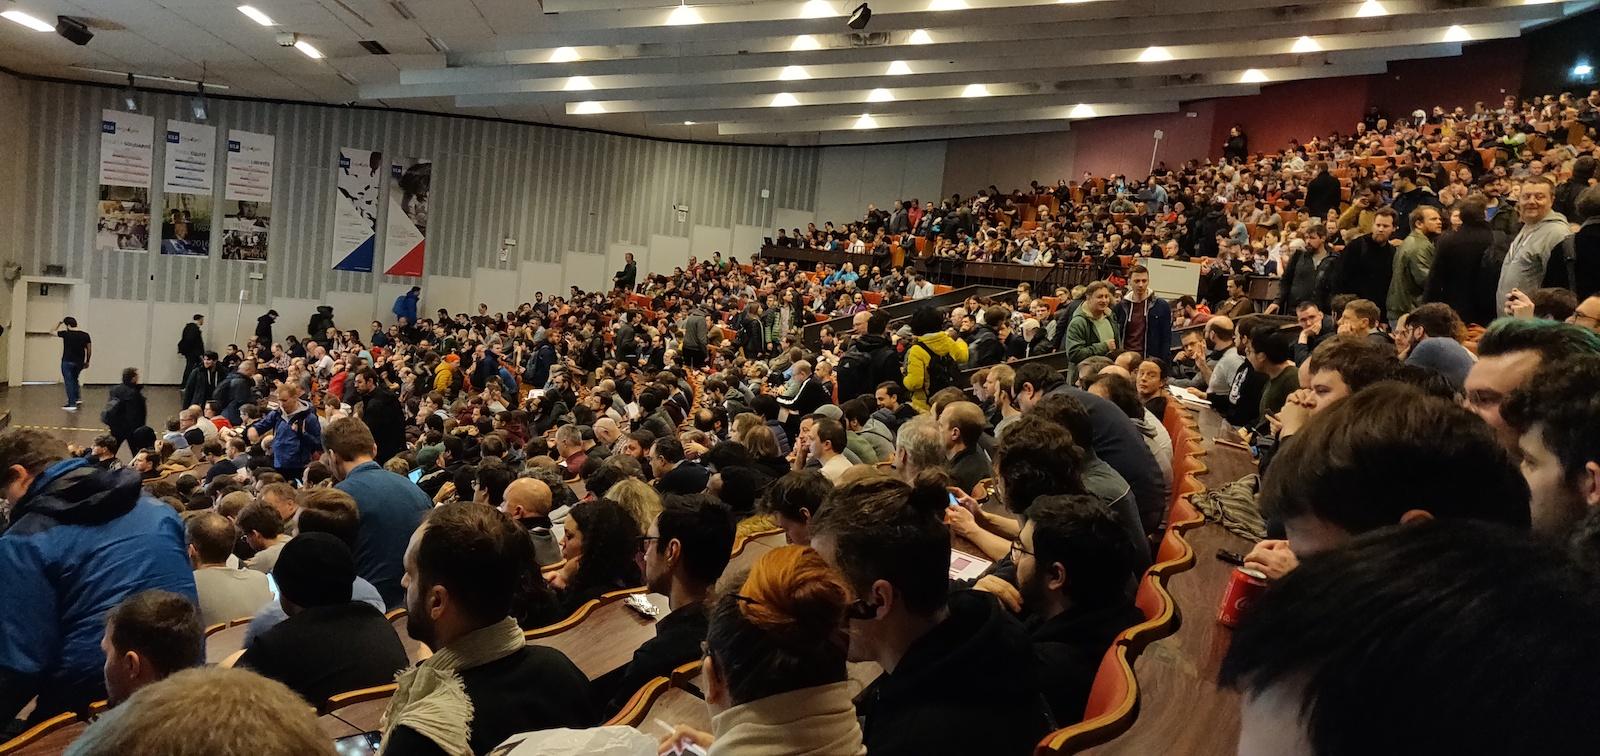 Заметки с полей: одна из самых больших OpenSource конференций FOSDEM 2020 - 1